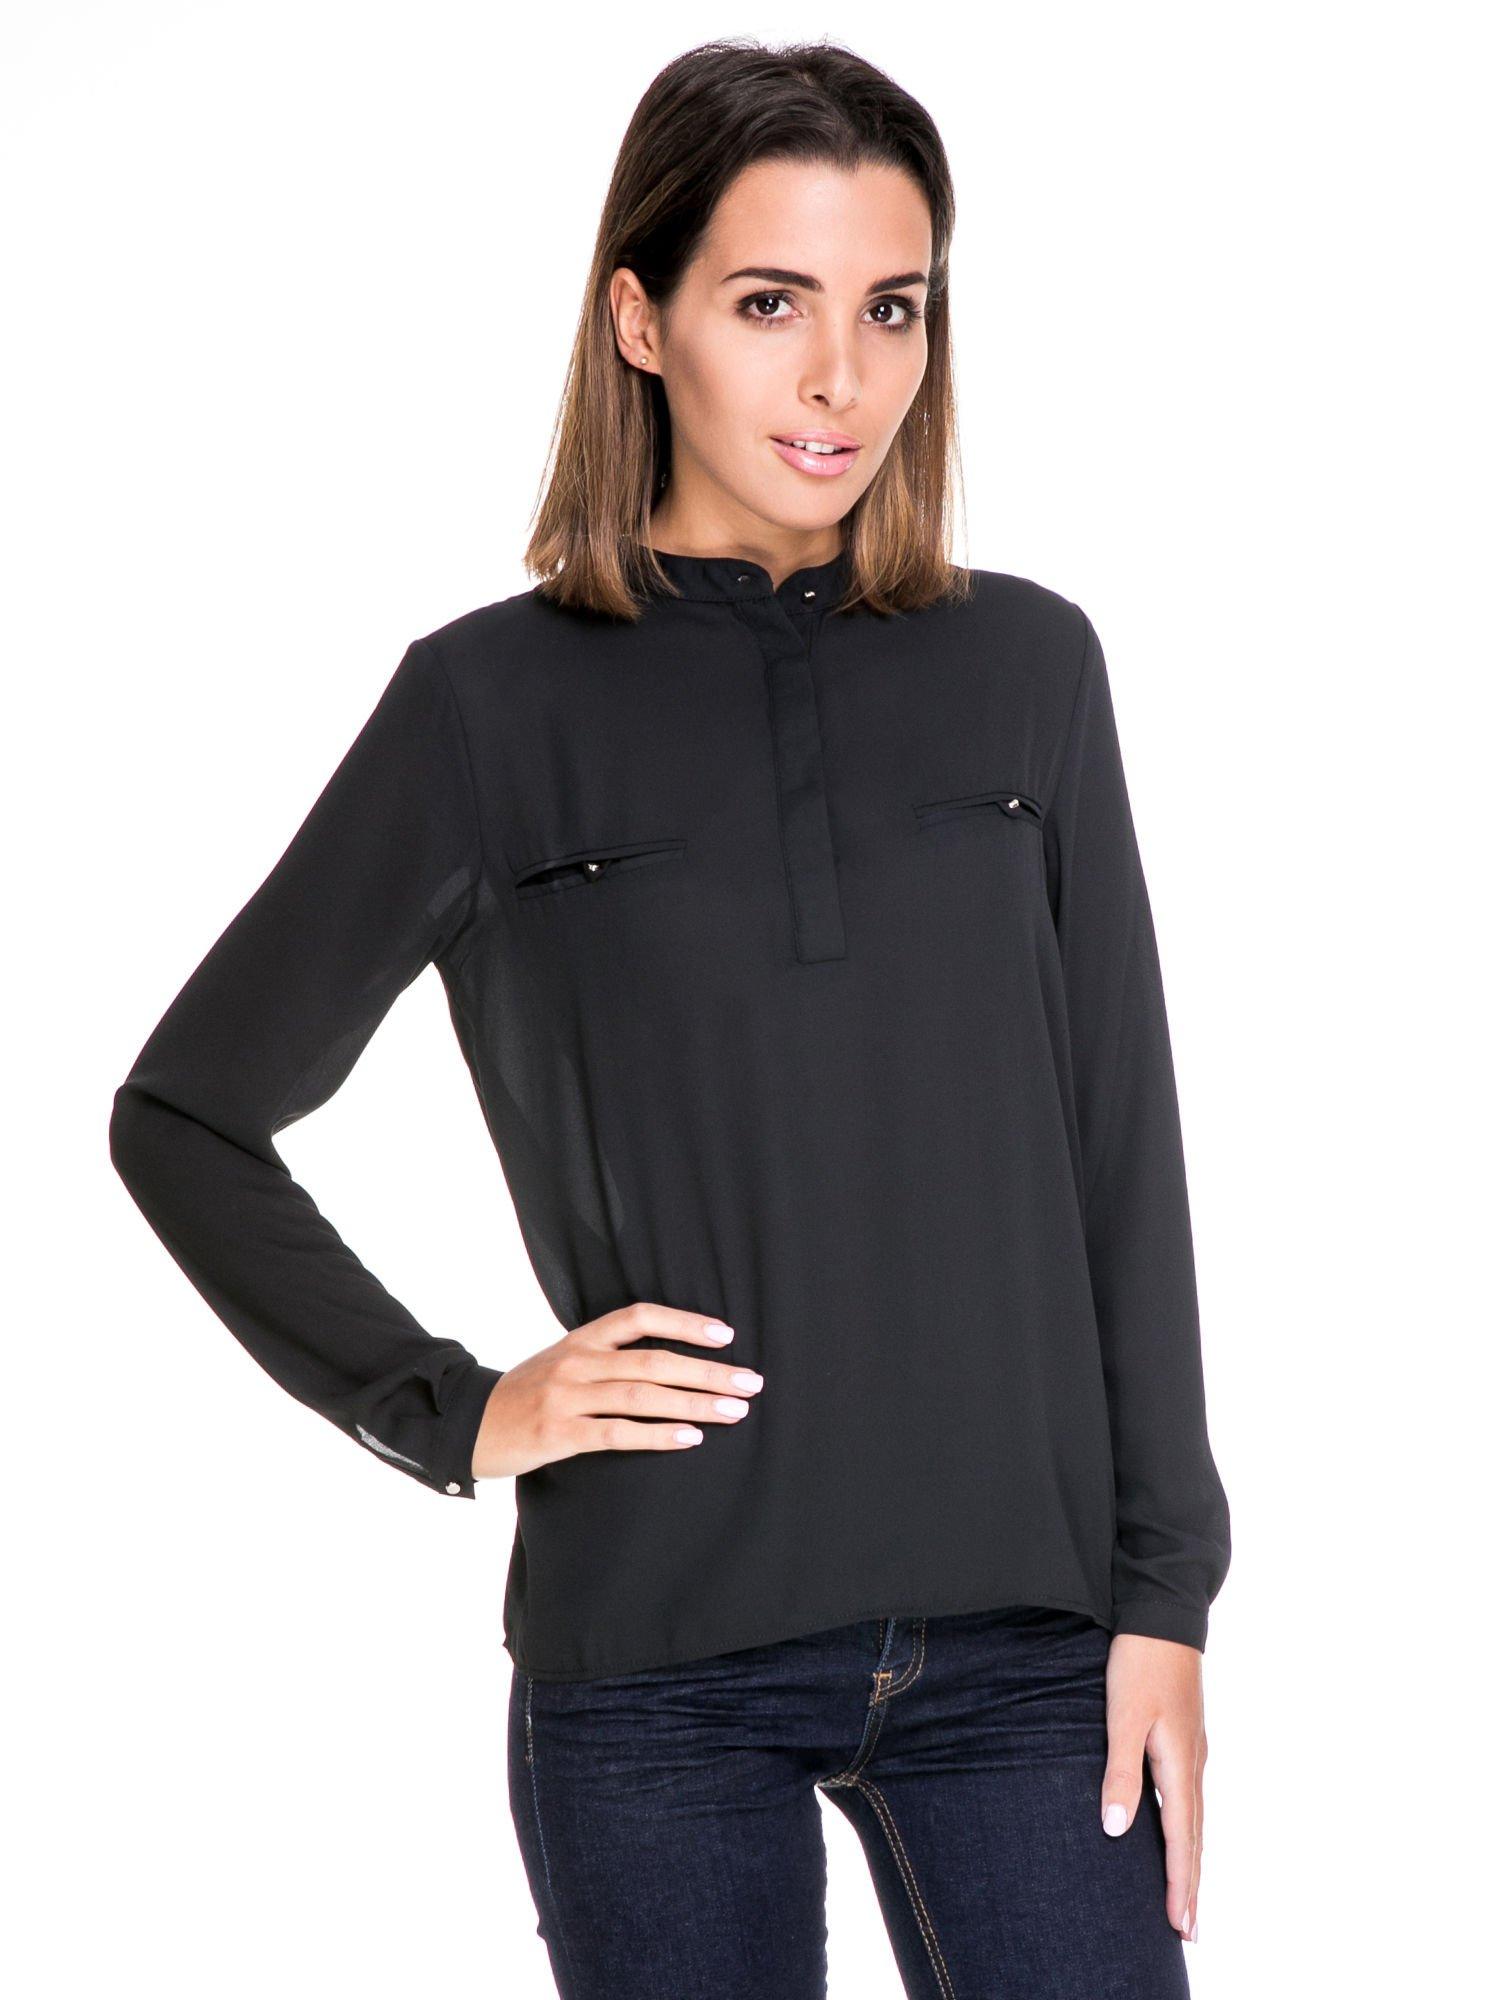 Czarna koszula ze stójką i kieszonkami na guziczki                                  zdj.                                  1